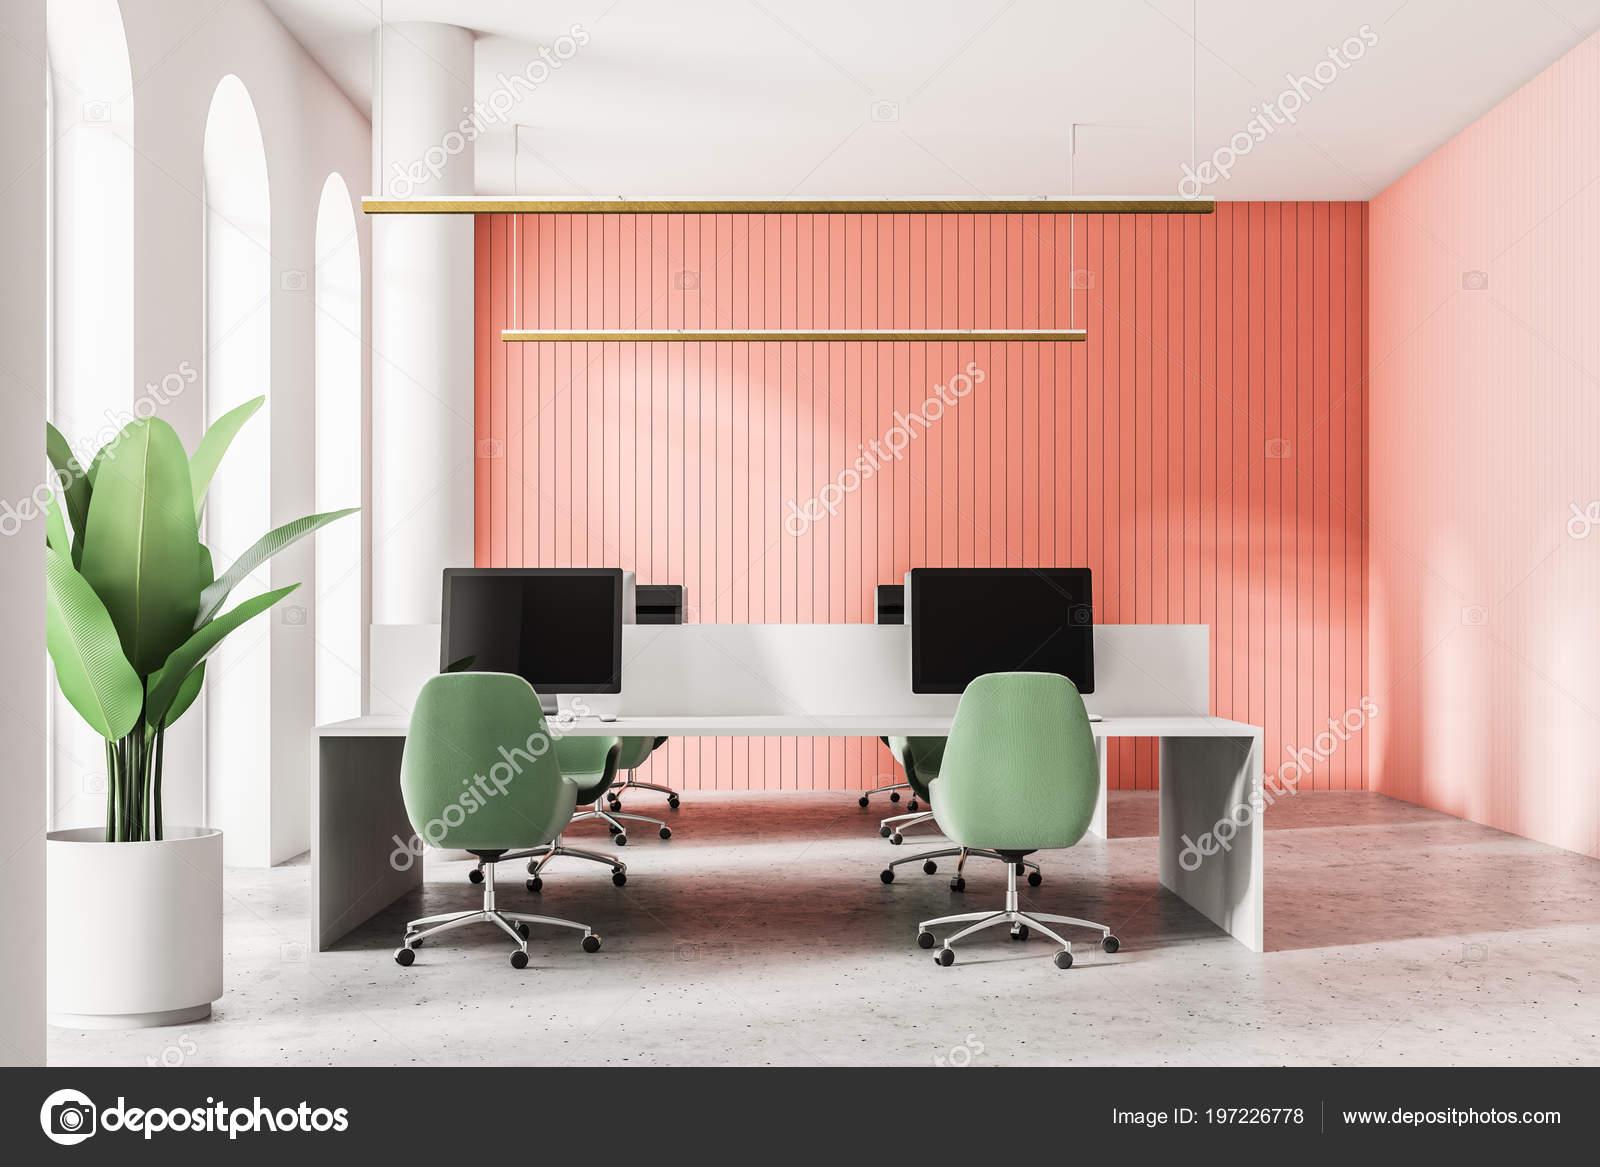 Pavimento Rosso E Bianco : Bianco rosso aprire spazio ufficio con pavimento cemento tavoli